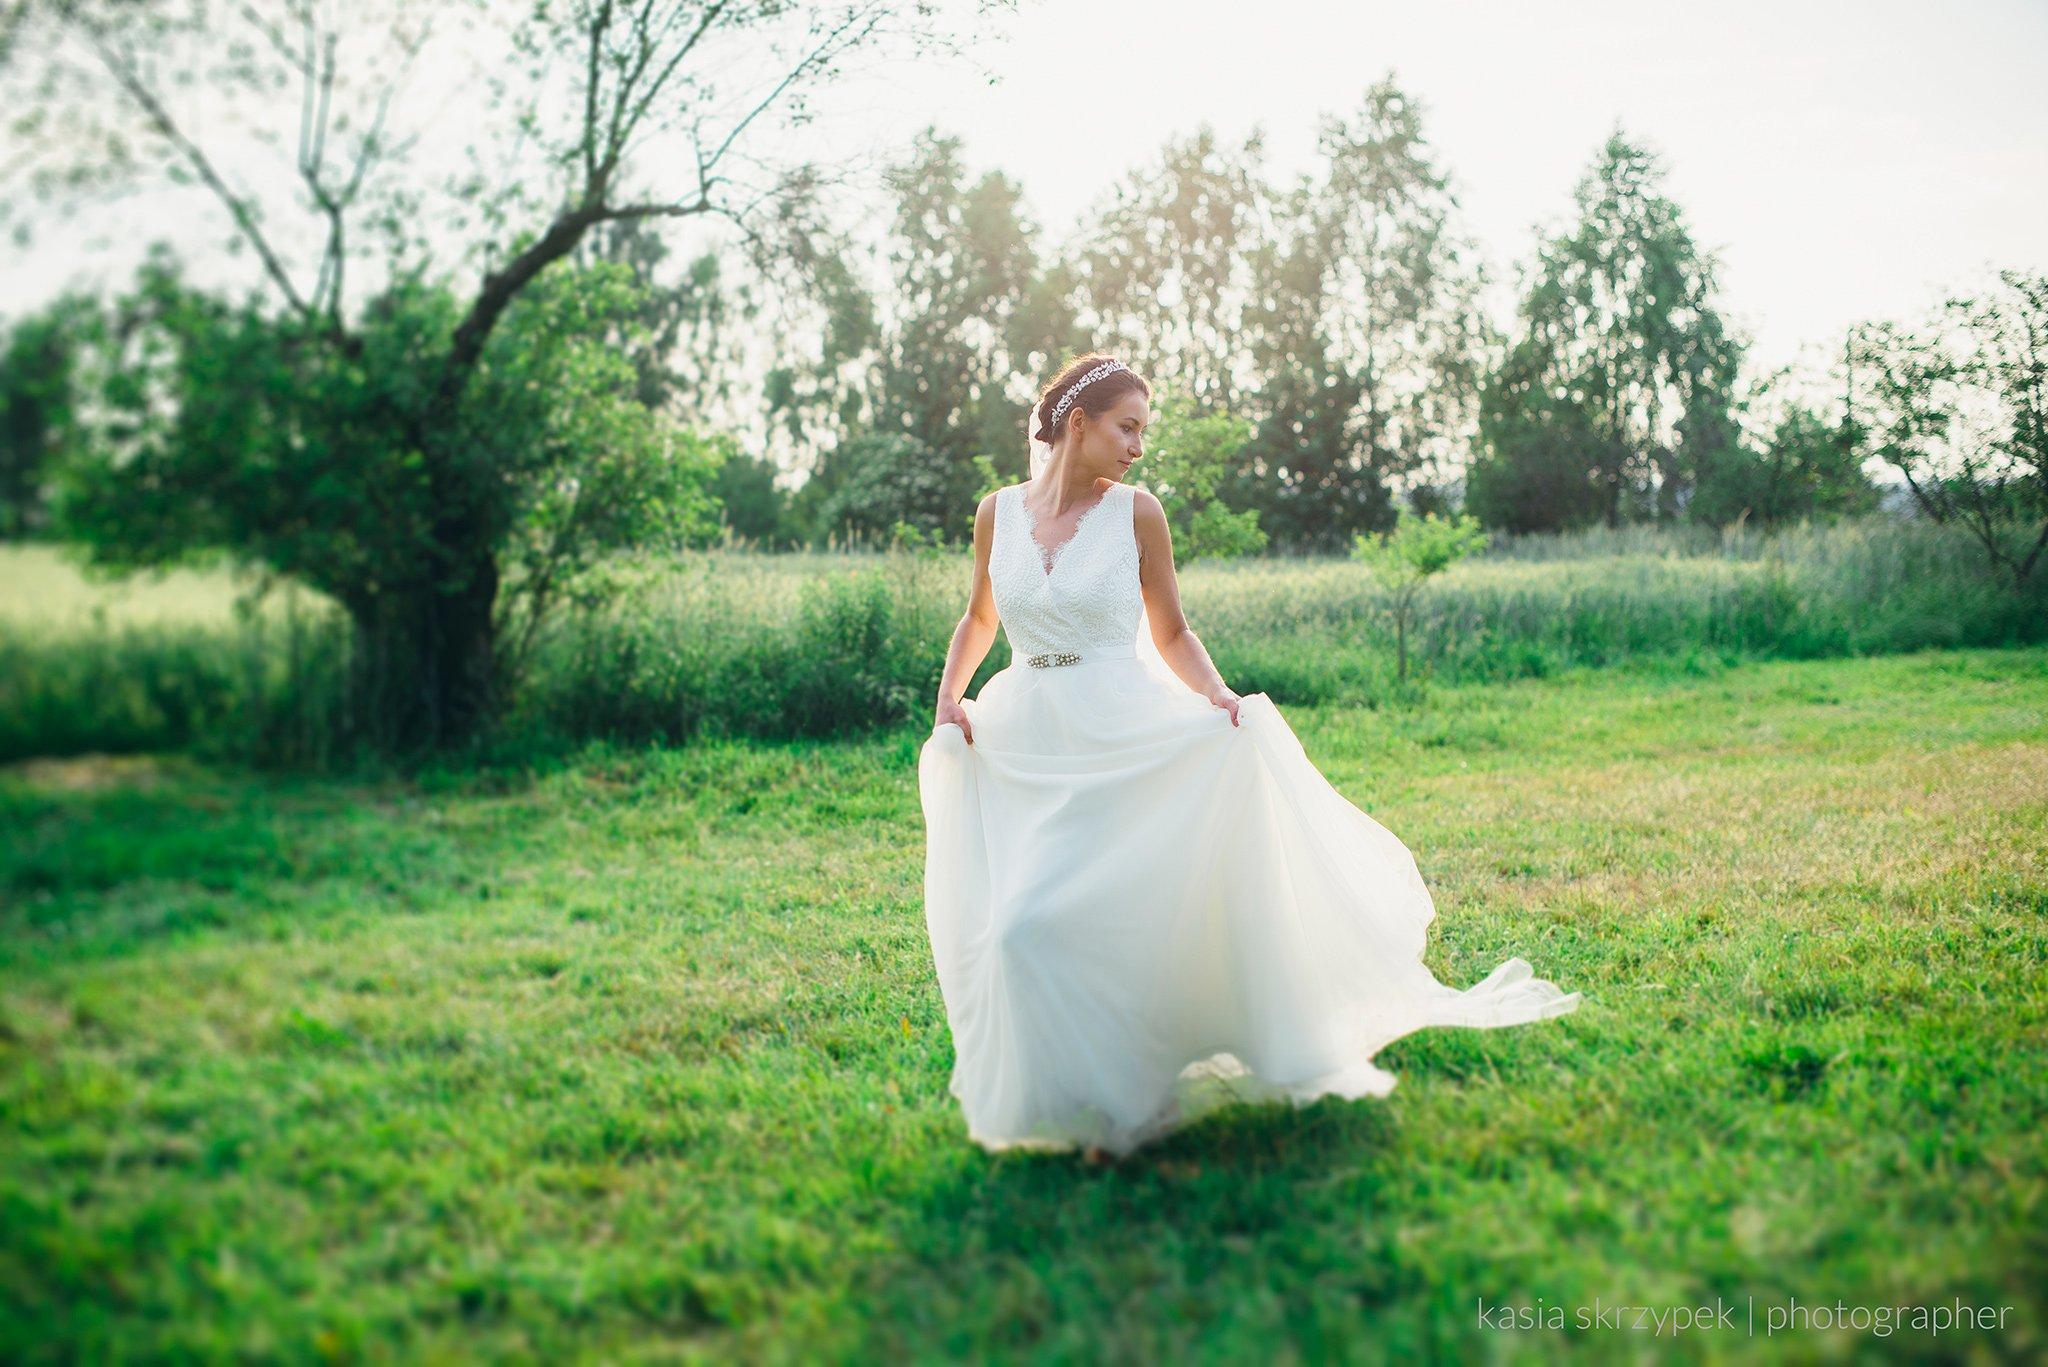 Blog-Botanical-Wedding-Styled-Shoot-15